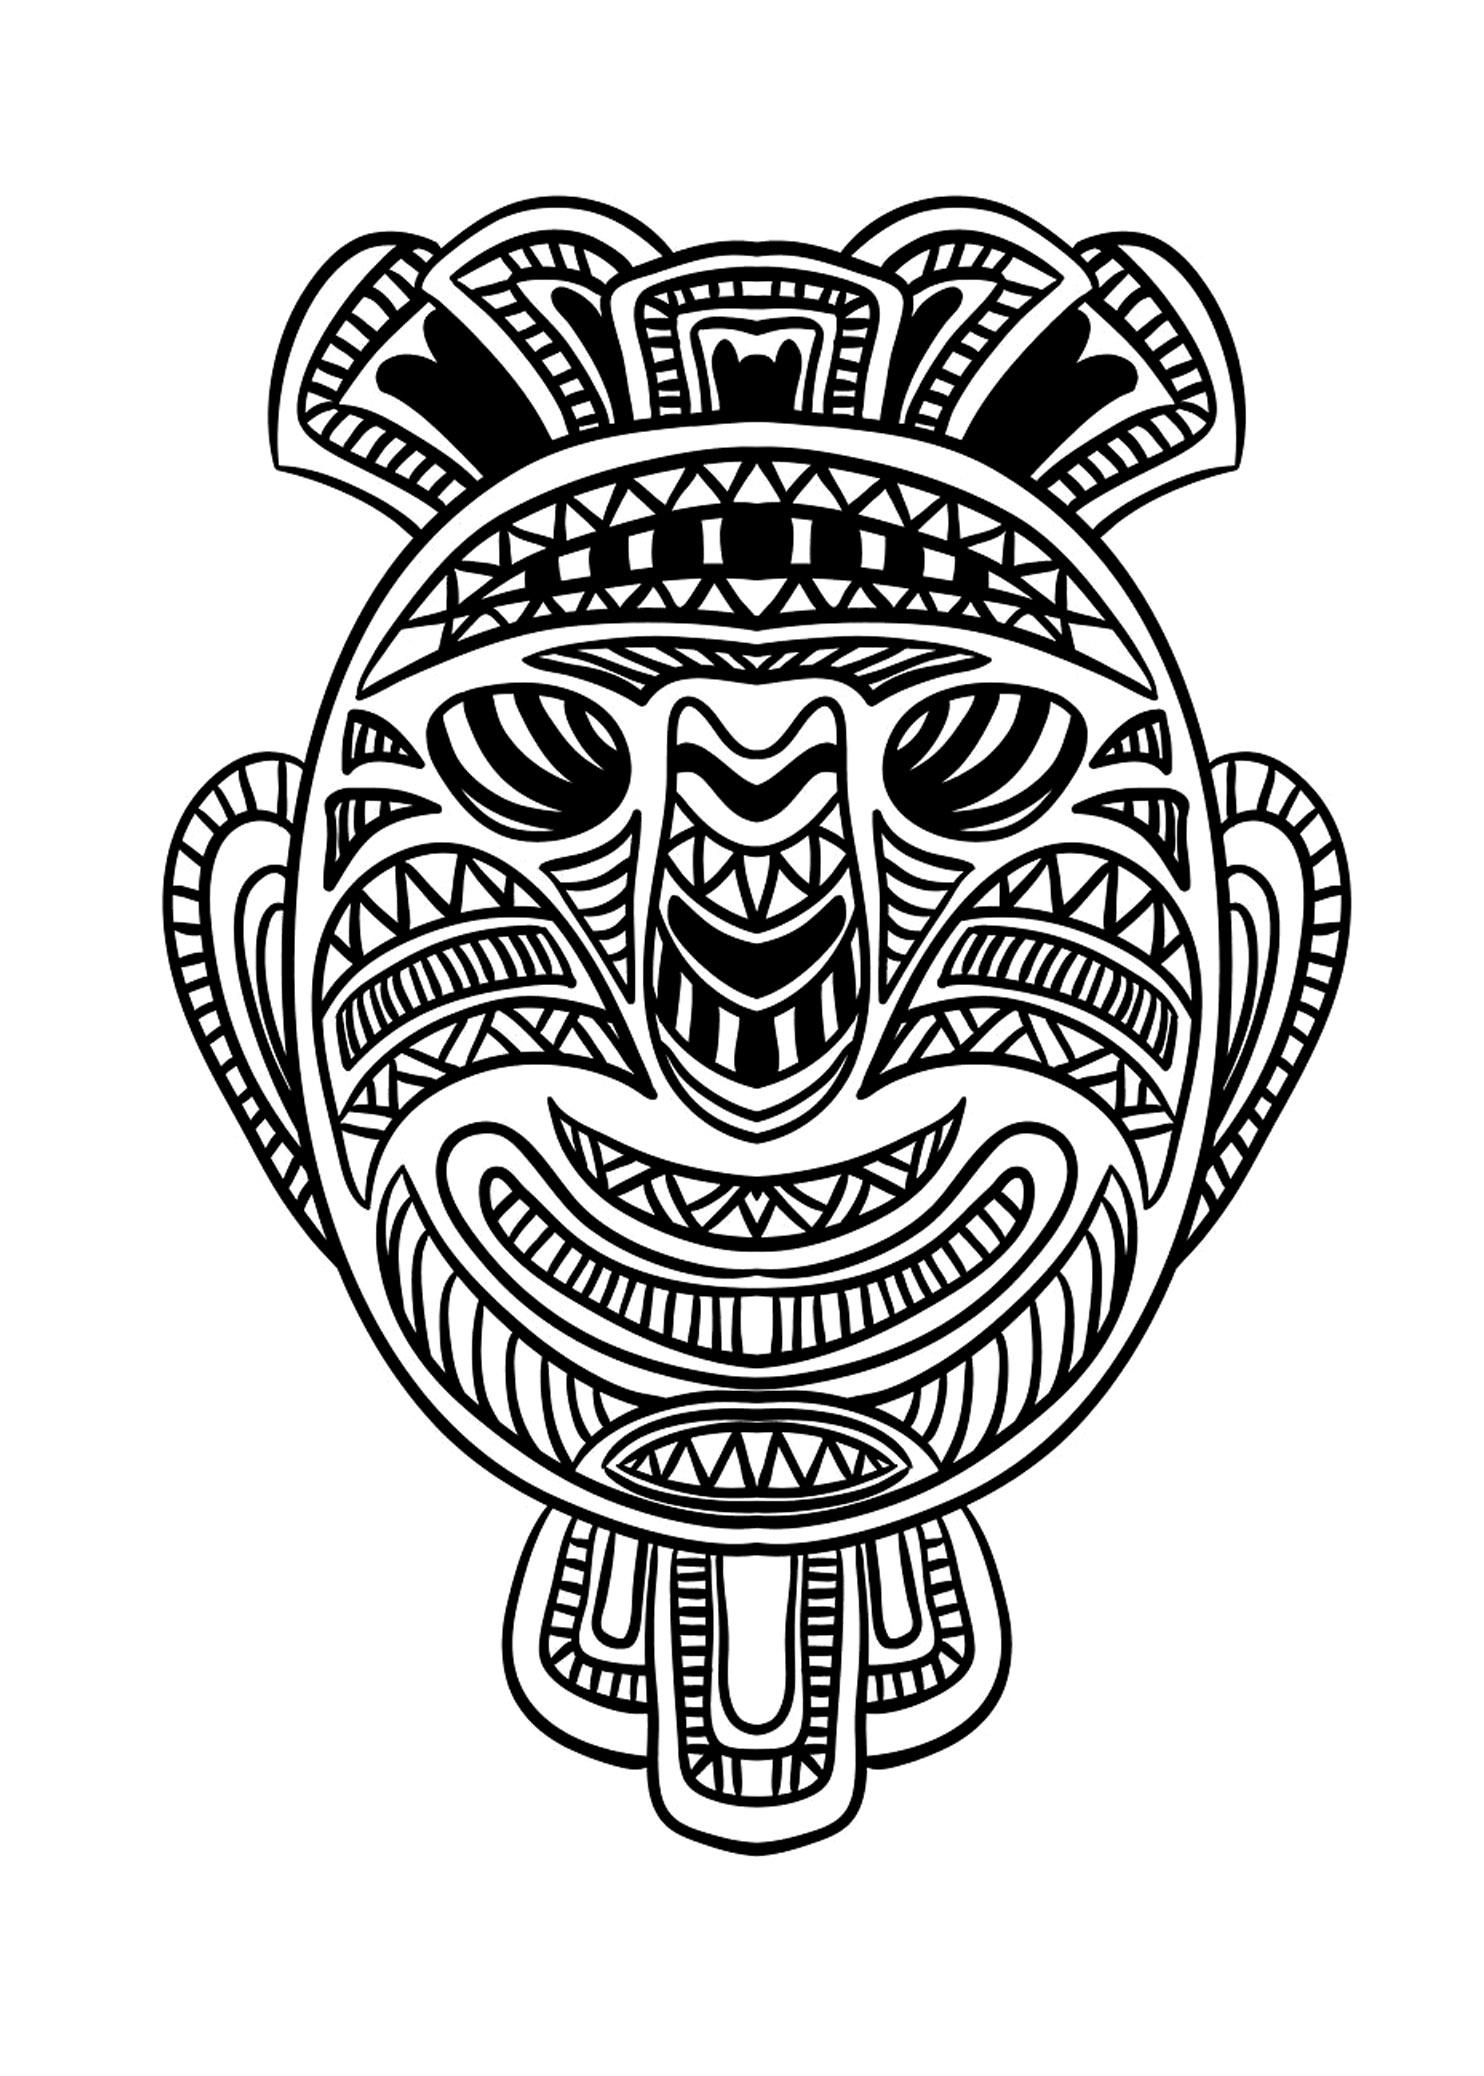 Masque africain 1 coloriage de masques coloriages pour enfants - Coloriage masques ...